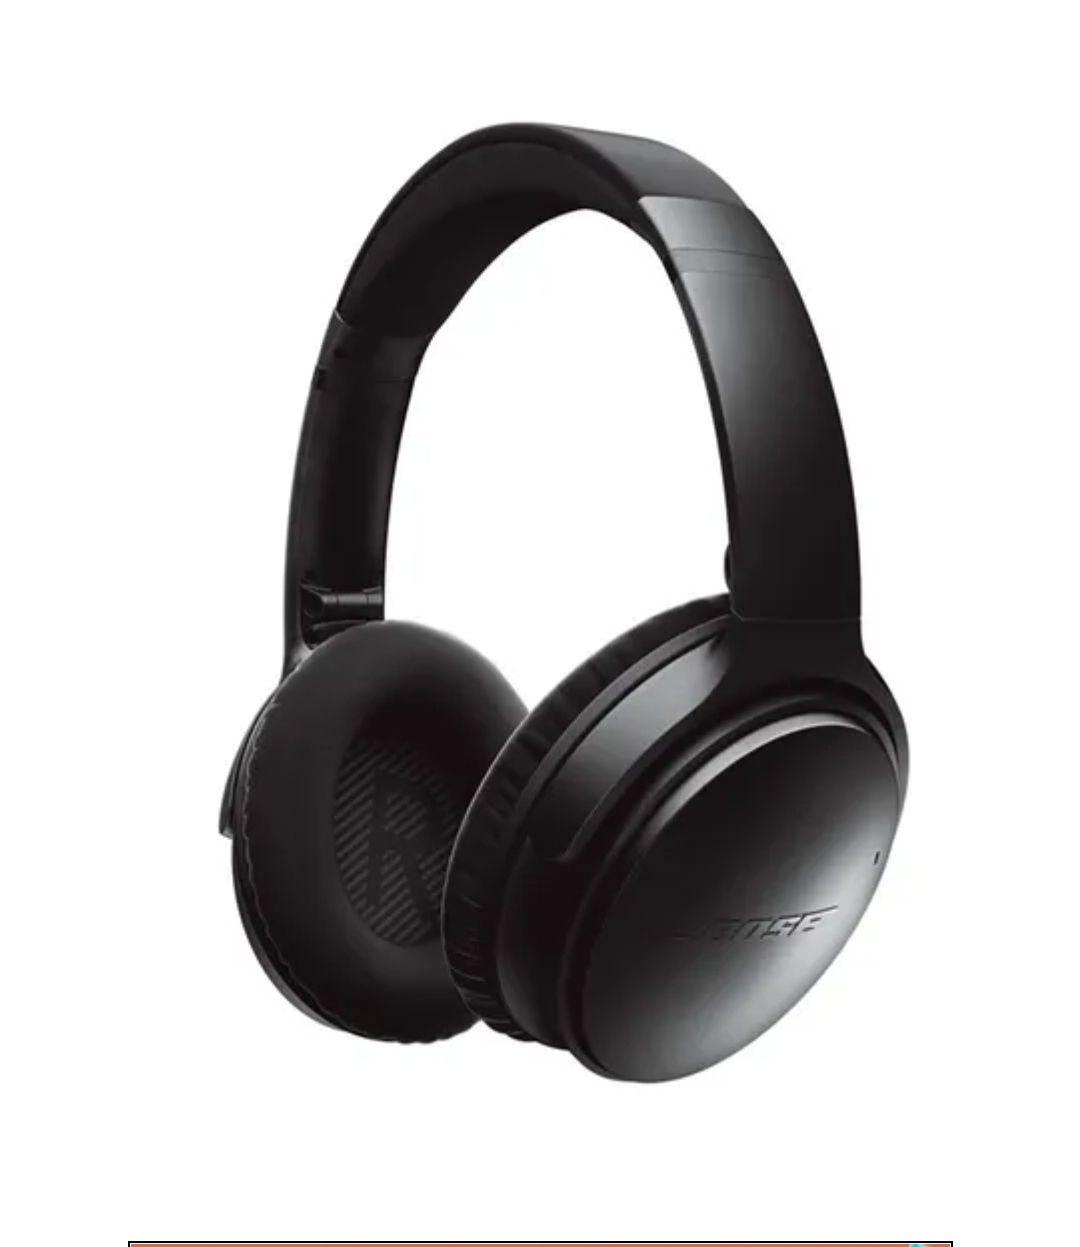 Casque Bluetooth Bose QuietComfort QC 35 II (166€ via RAKUTEN15)